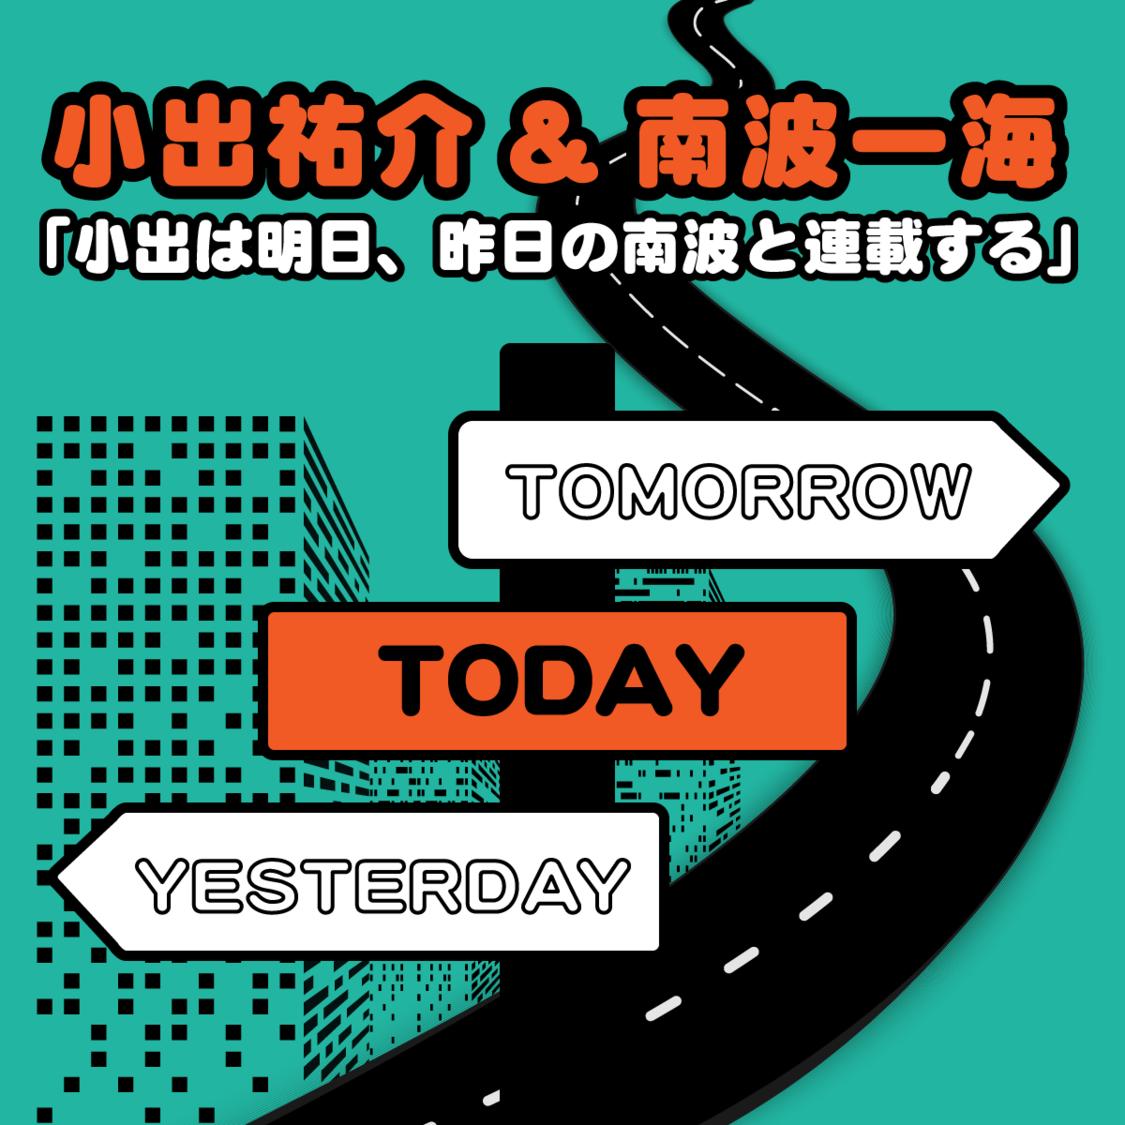 第5回:最近のつんく♂ワークス〜小出祐介&南波一海「小出は明日、昨日の南波と連載する」〜